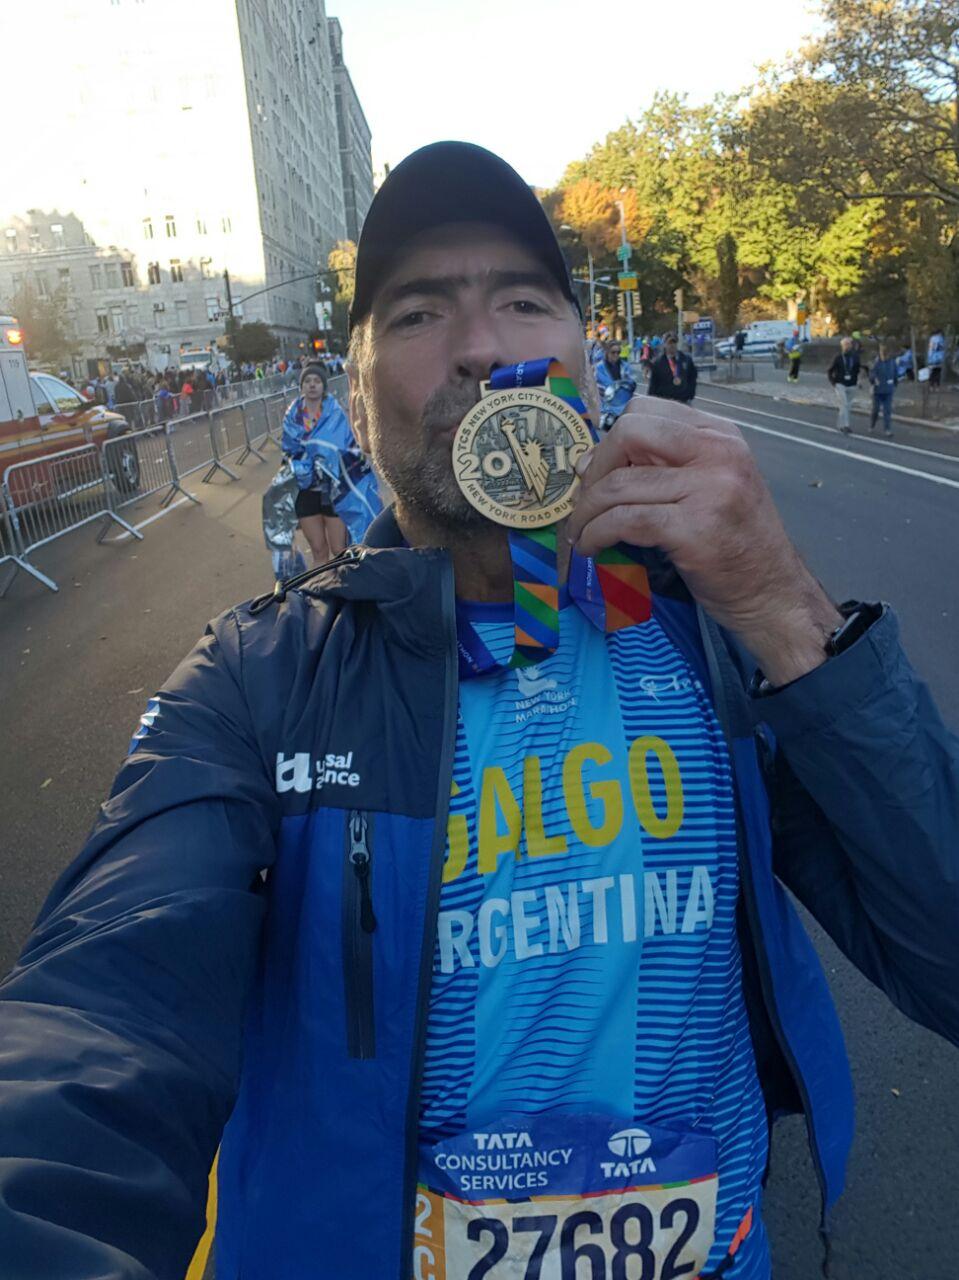 Eduardo Dominguez y su medalla por participación